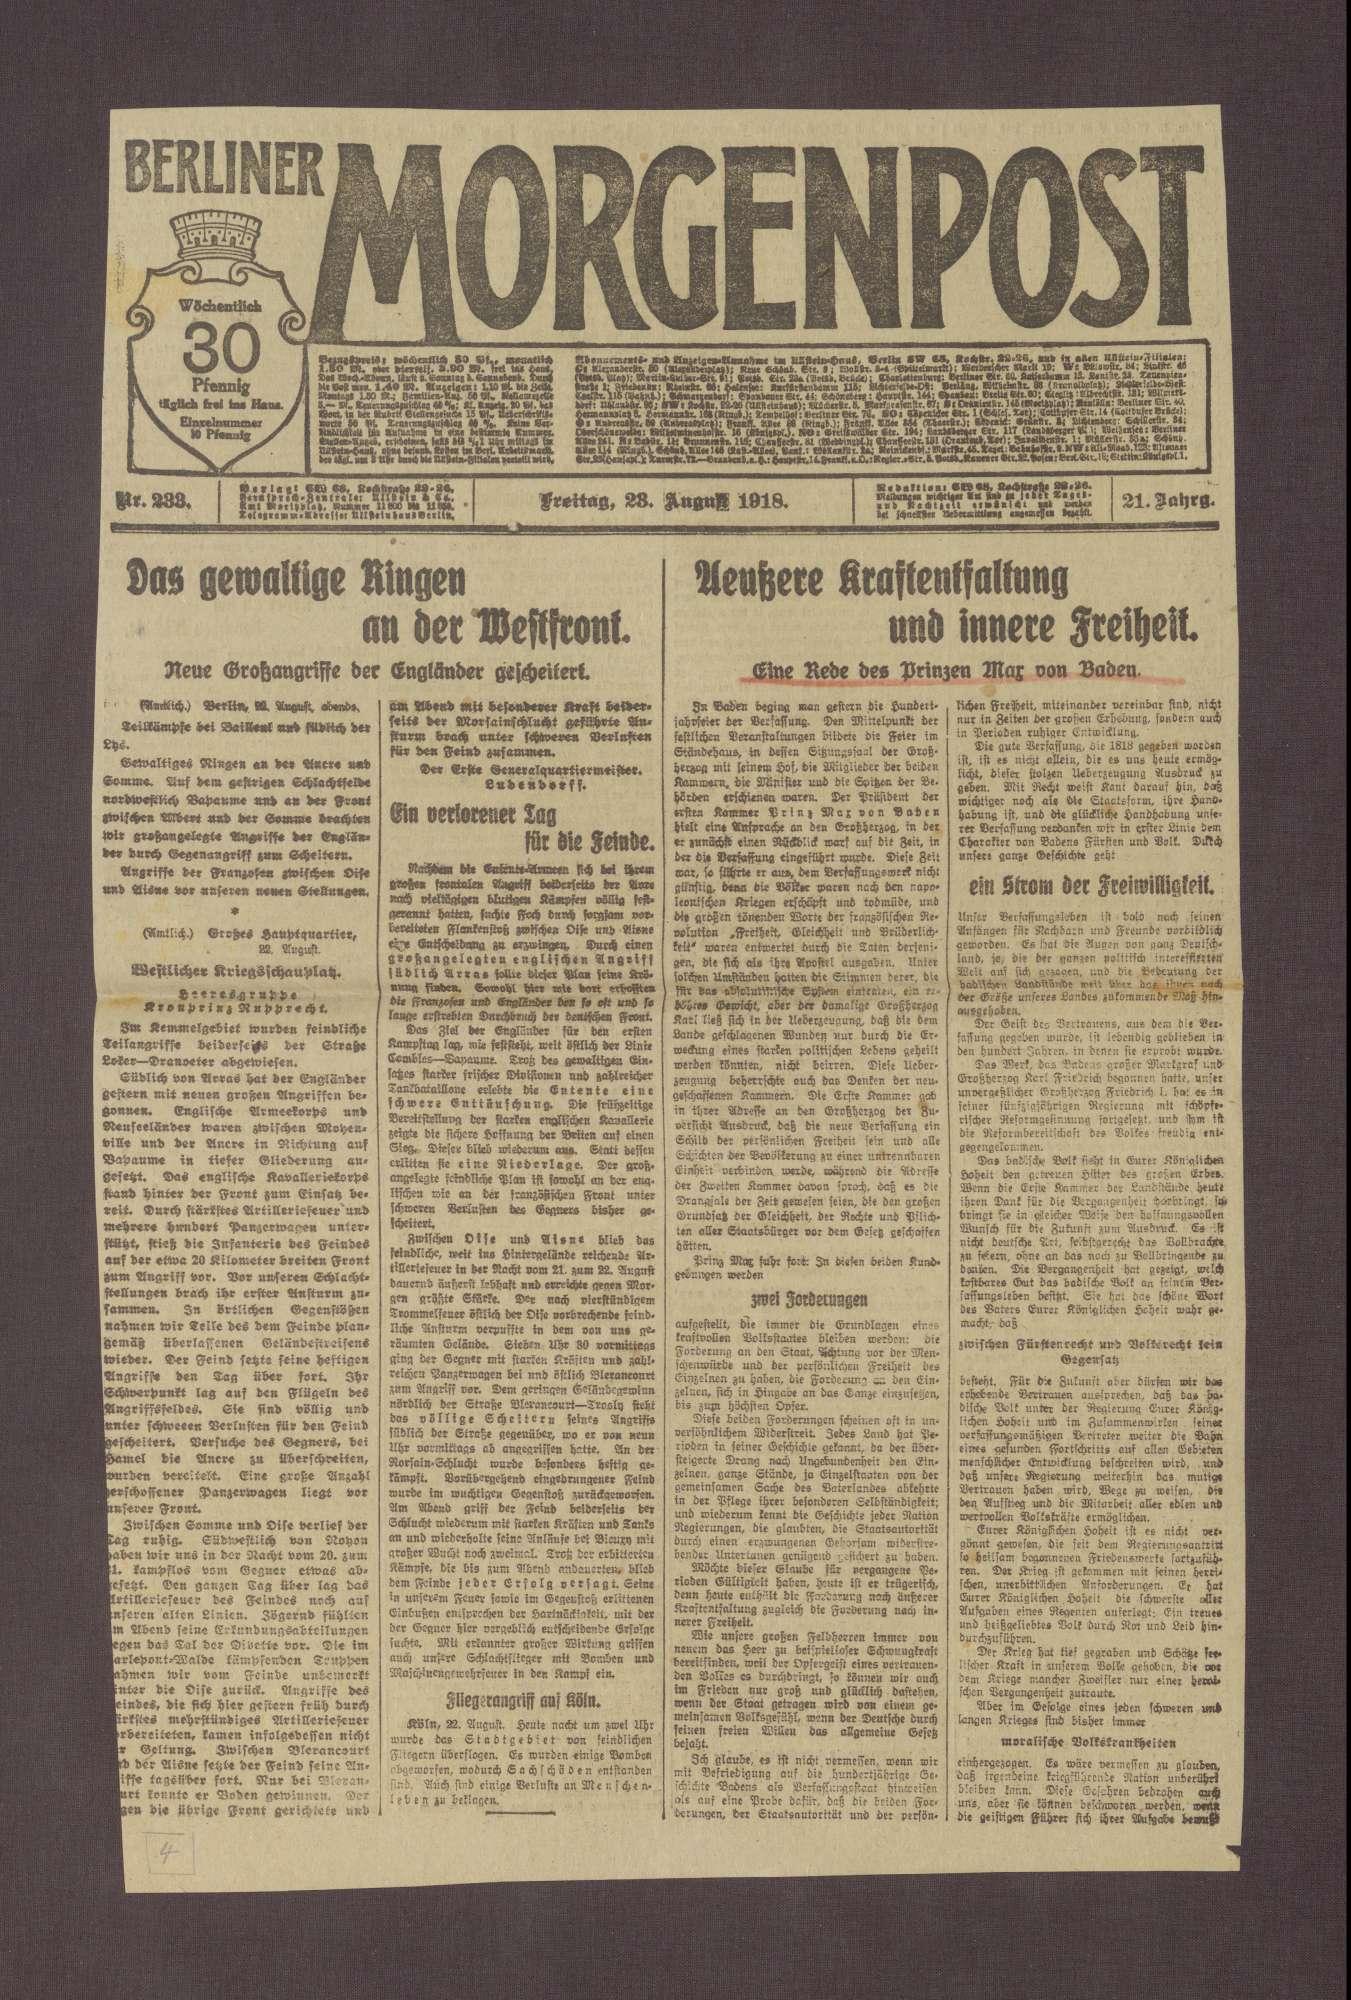 """Artikel in der Berliner Morgenpost: """"Äußere Kraftentlastung und innere Freiheit"""", Bild 1"""